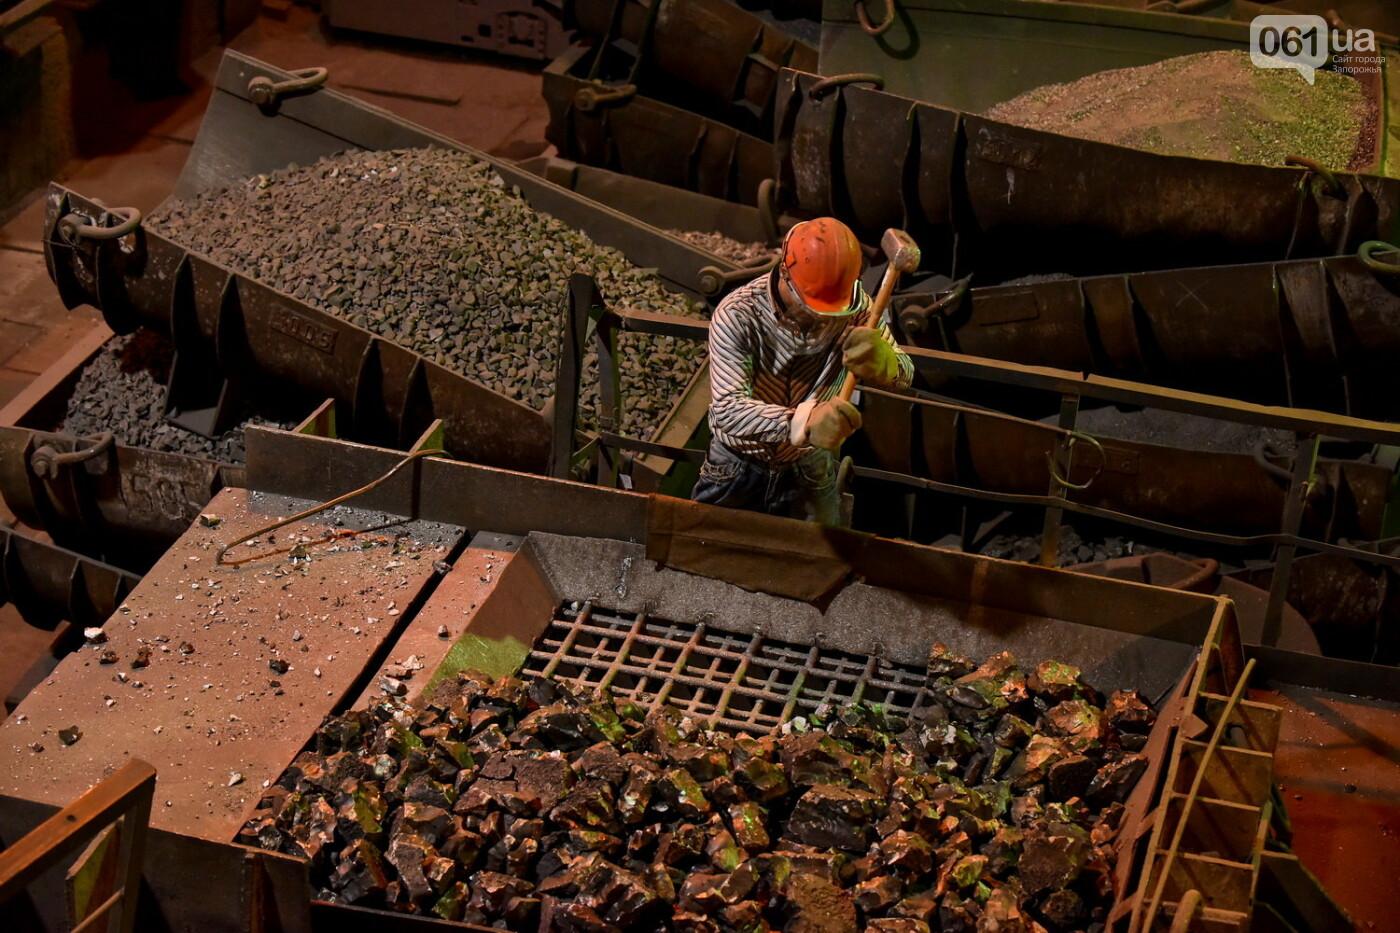 Как руду превращают в ферросплавы: экскурсия на производство, – ФОТОРЕПОРТАЖ, фото-56